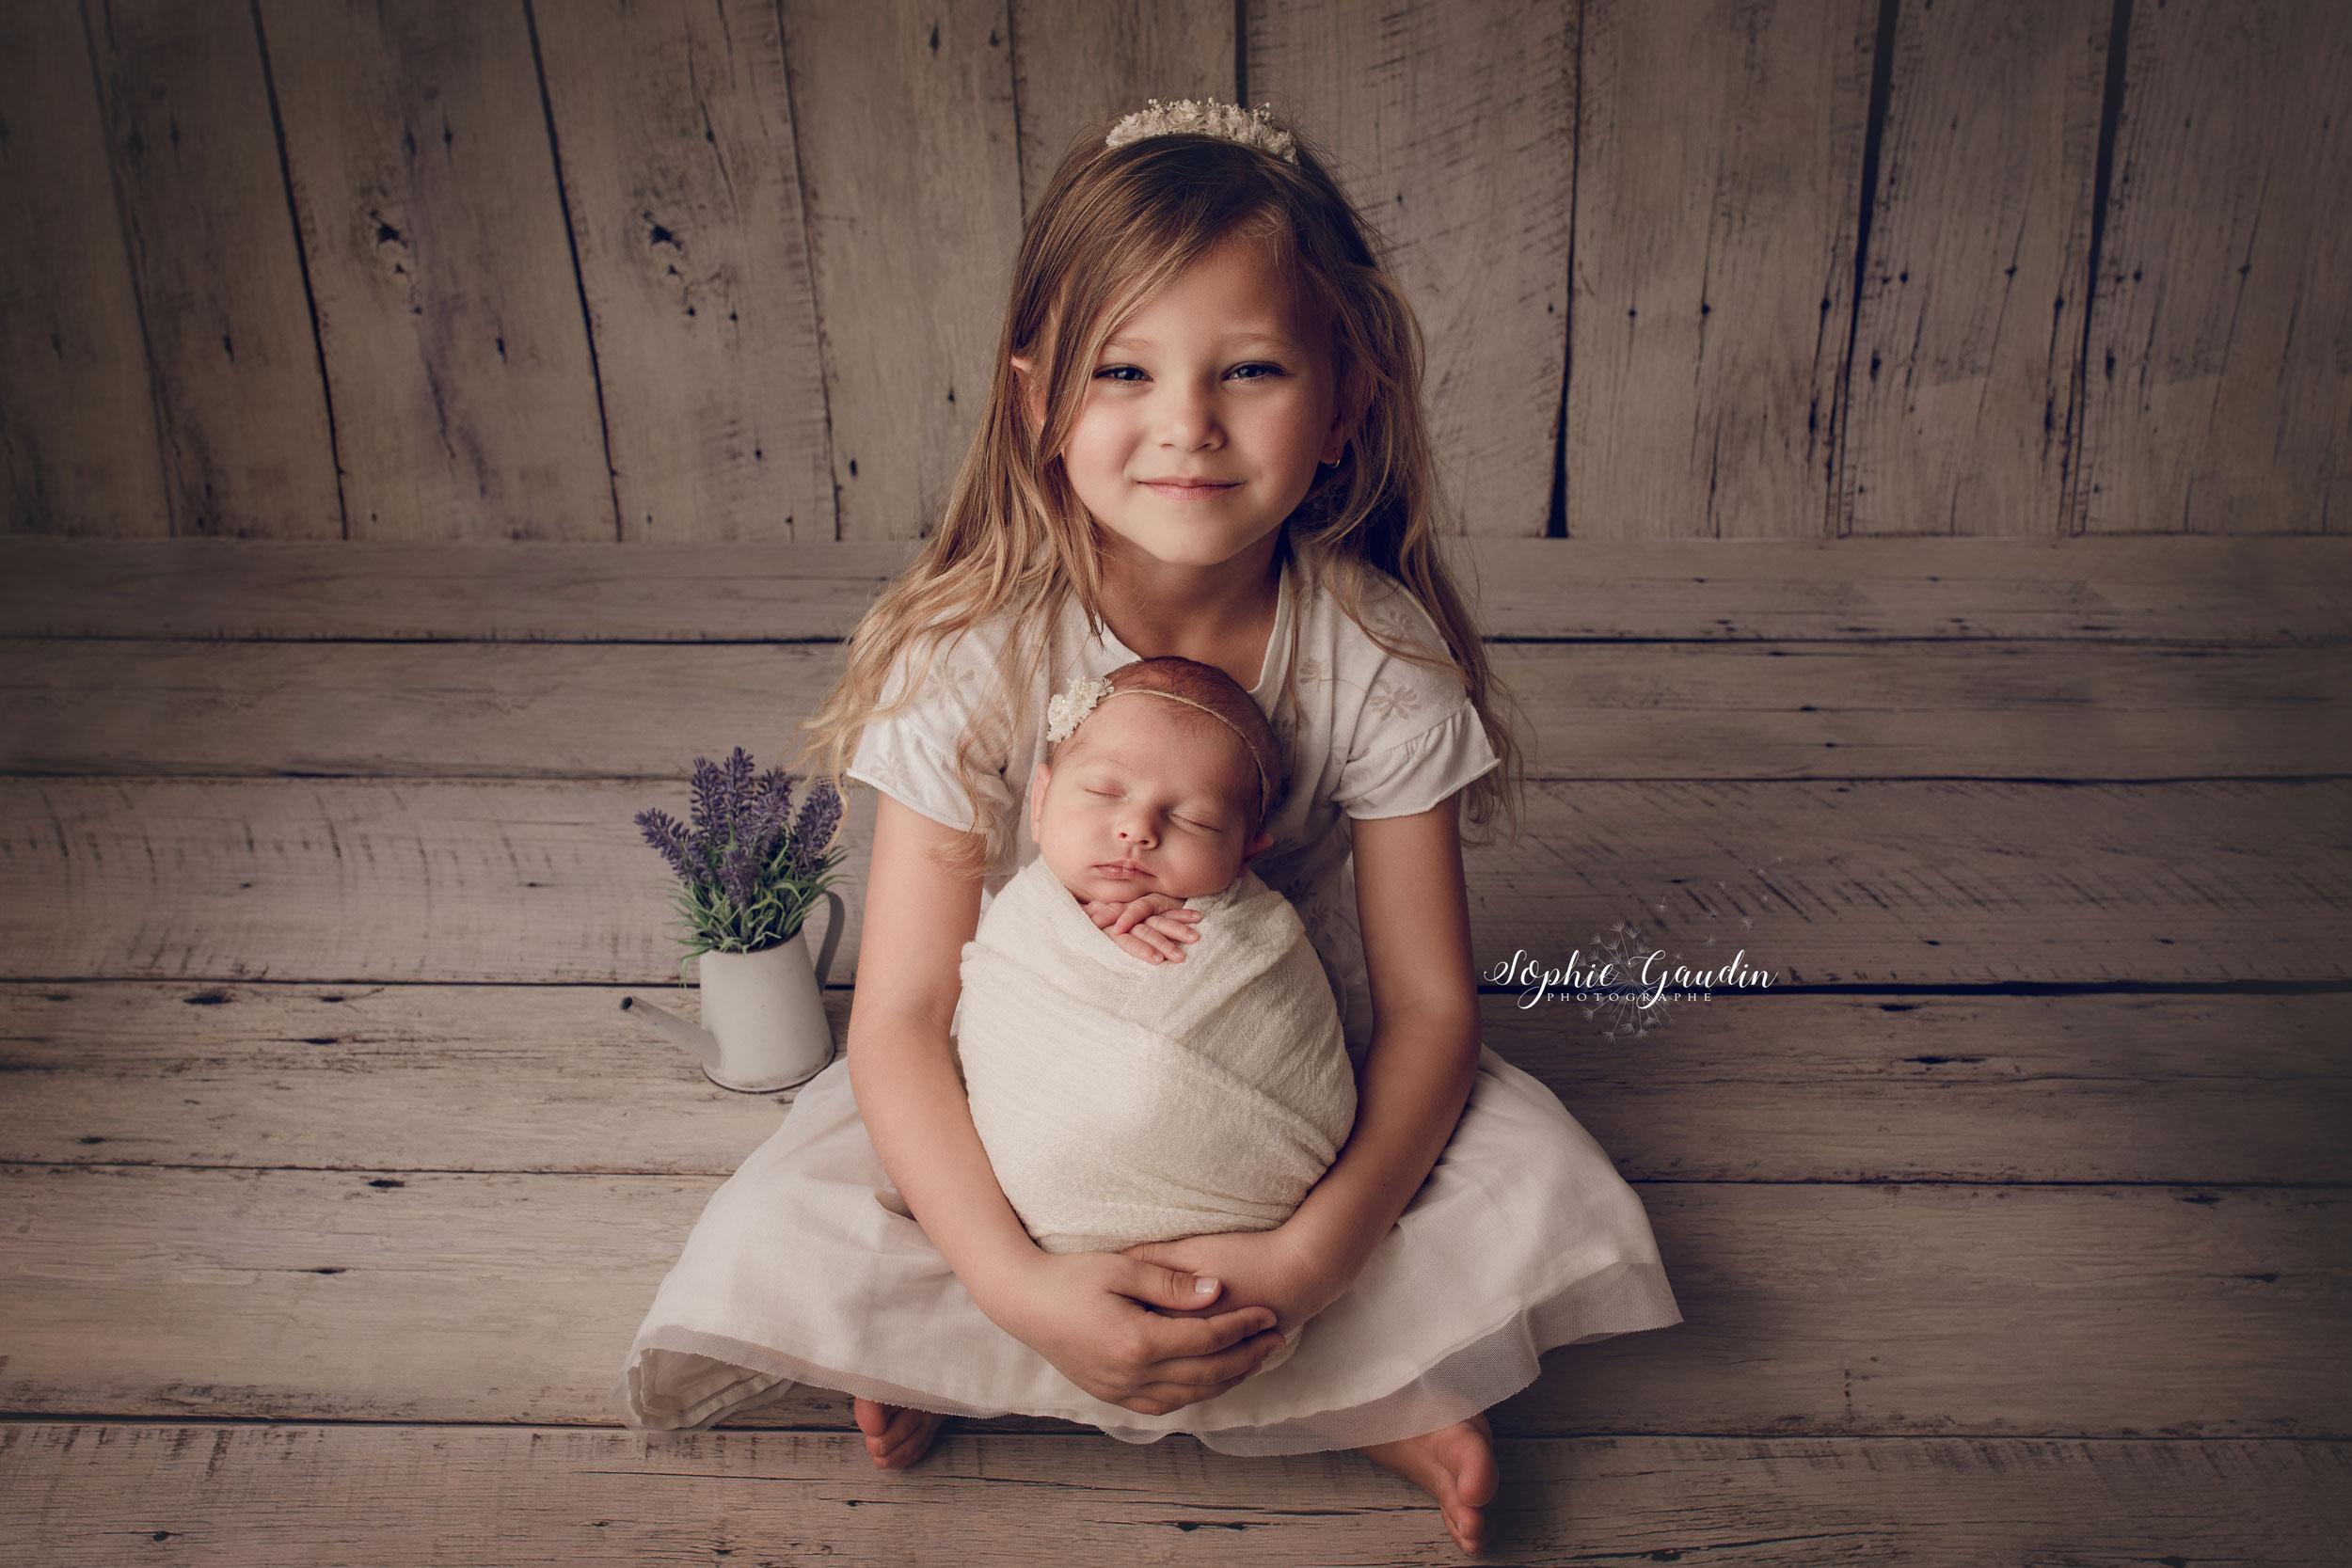 photographe-famille-nouveaune